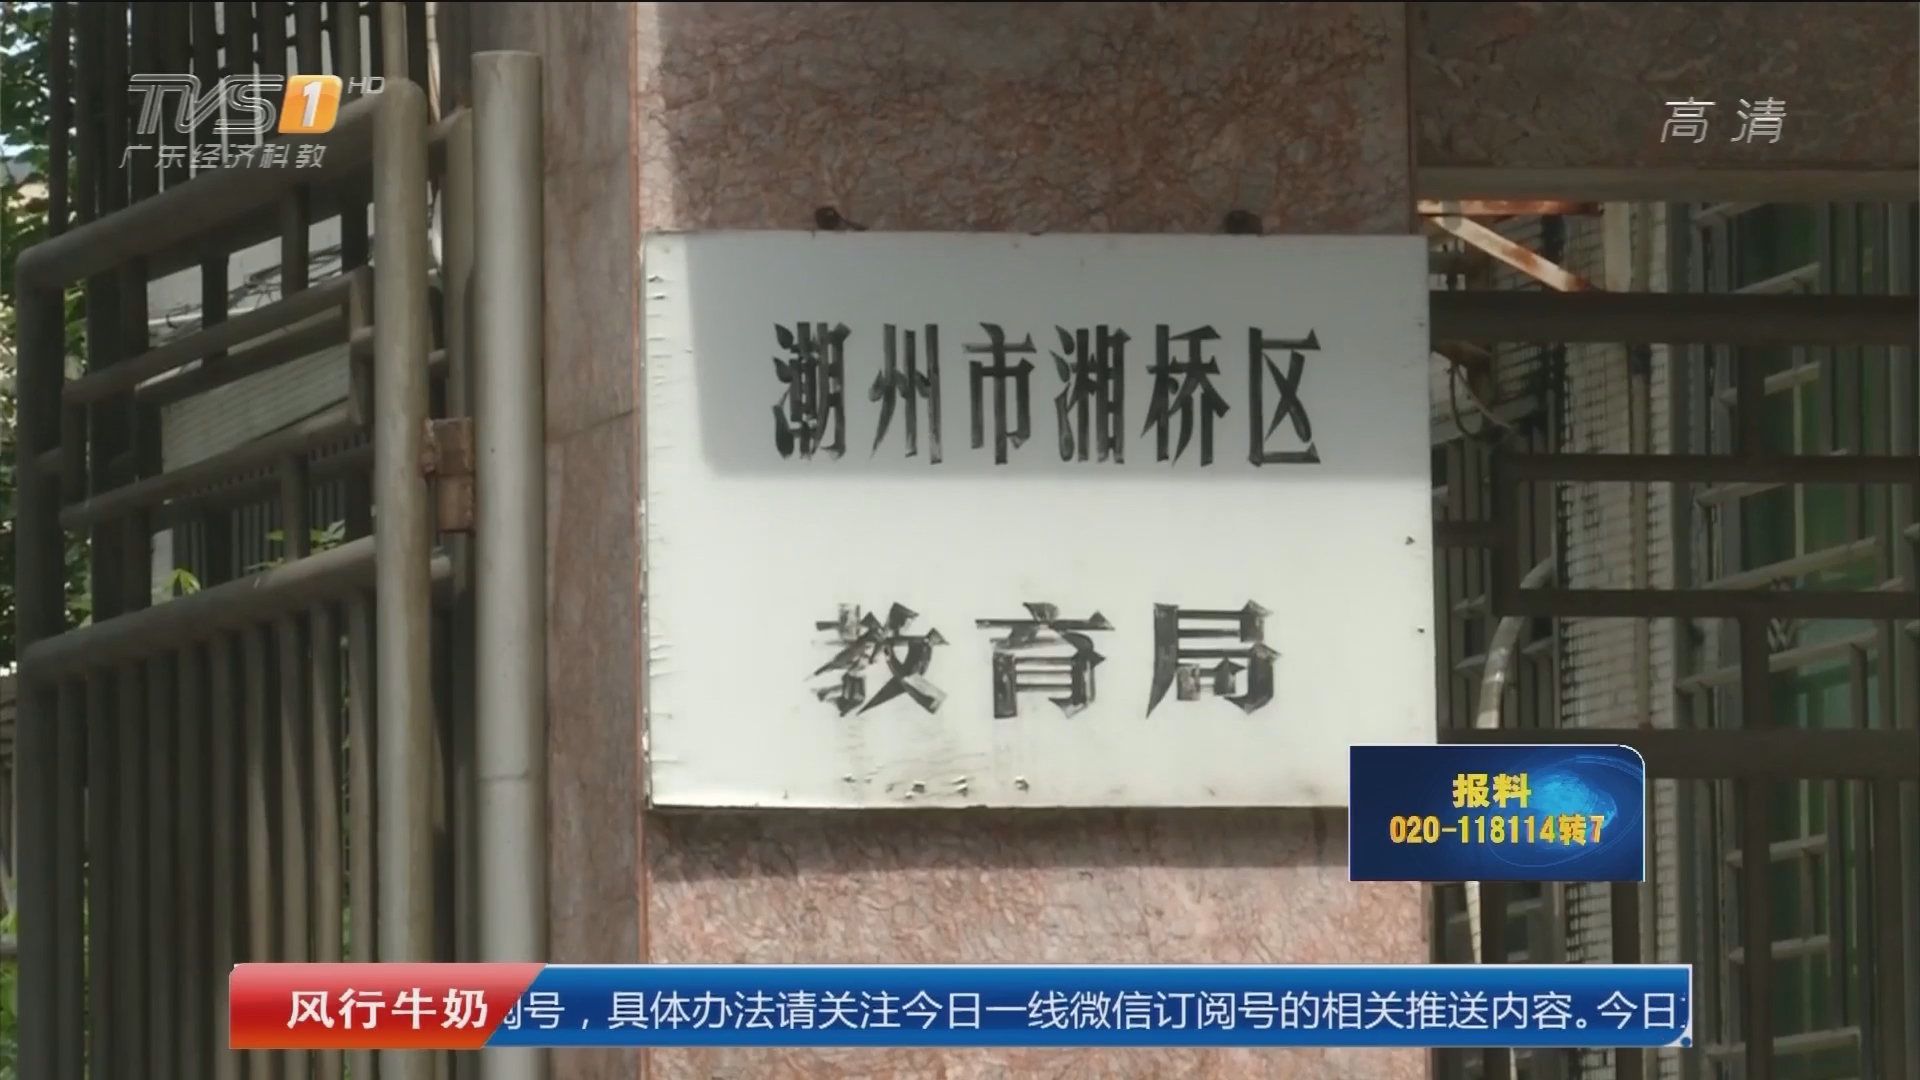 潮州湘桥:过千户被取消摇号资格 警方介入